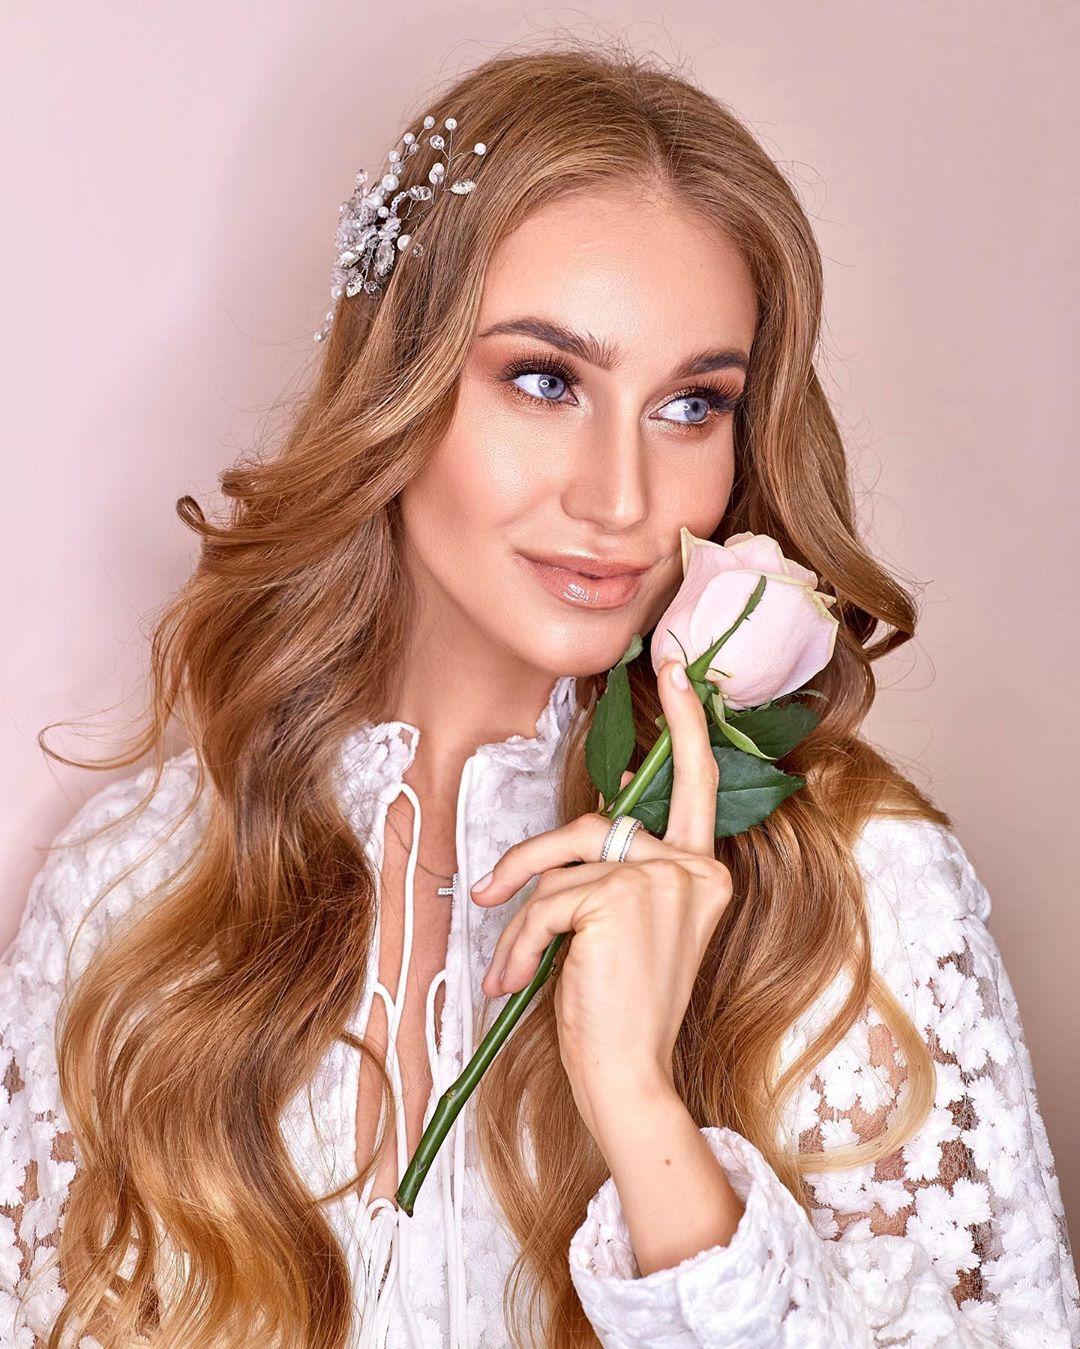 """Статья: """"Плоские кисти для макияжа"""". Макияж для невесты от студии красоты Кудри Брови"""